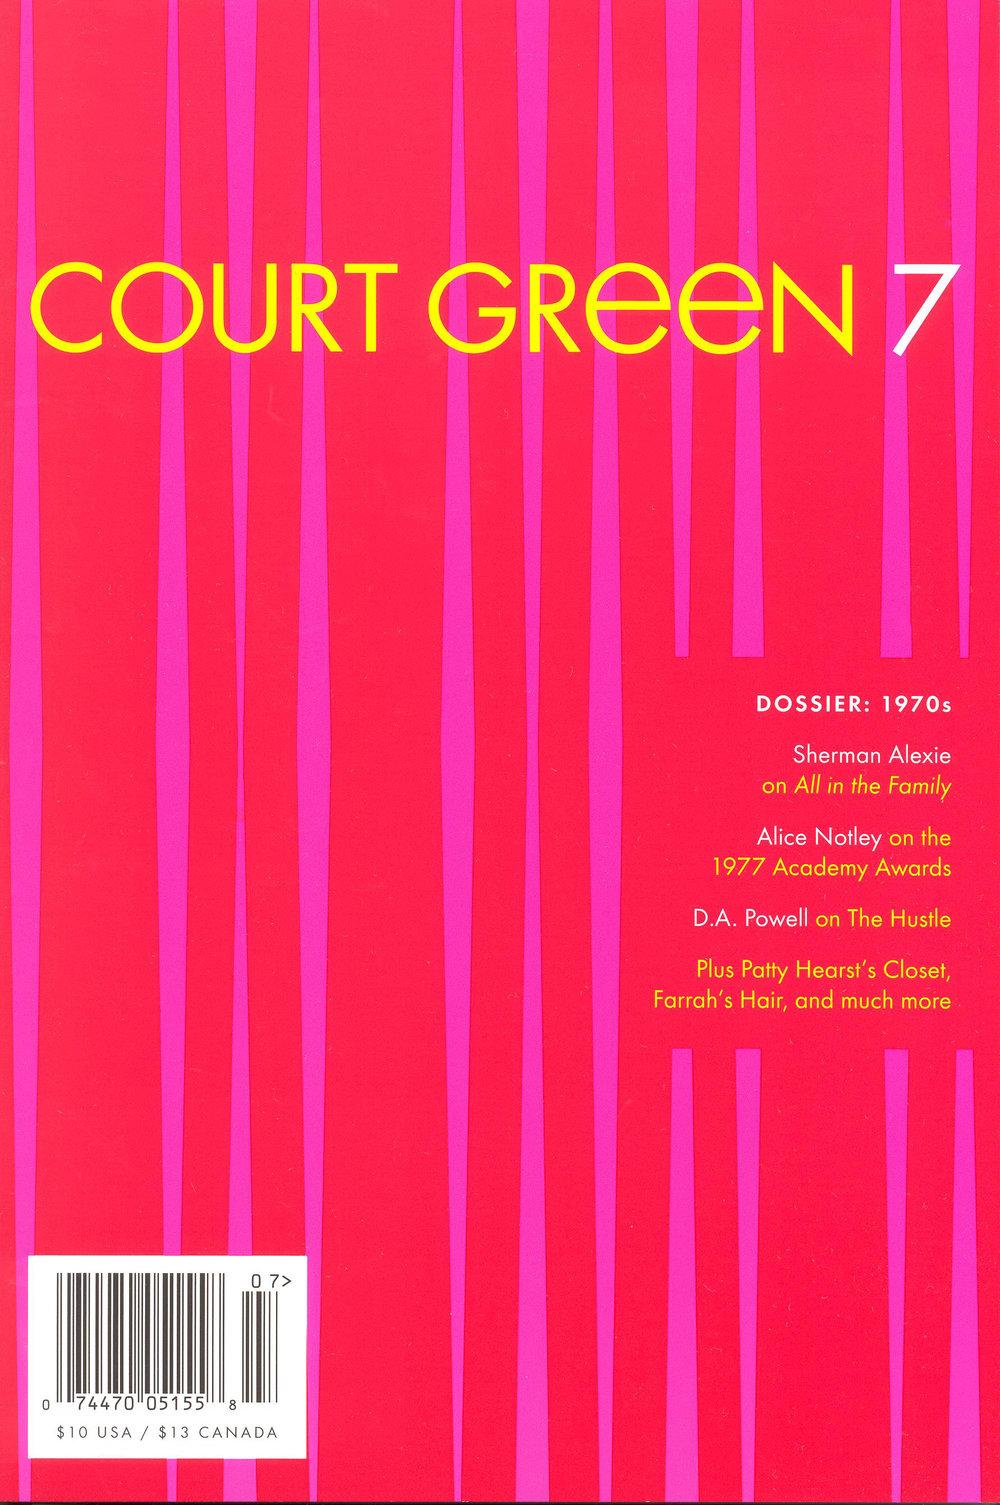 Court Green 7